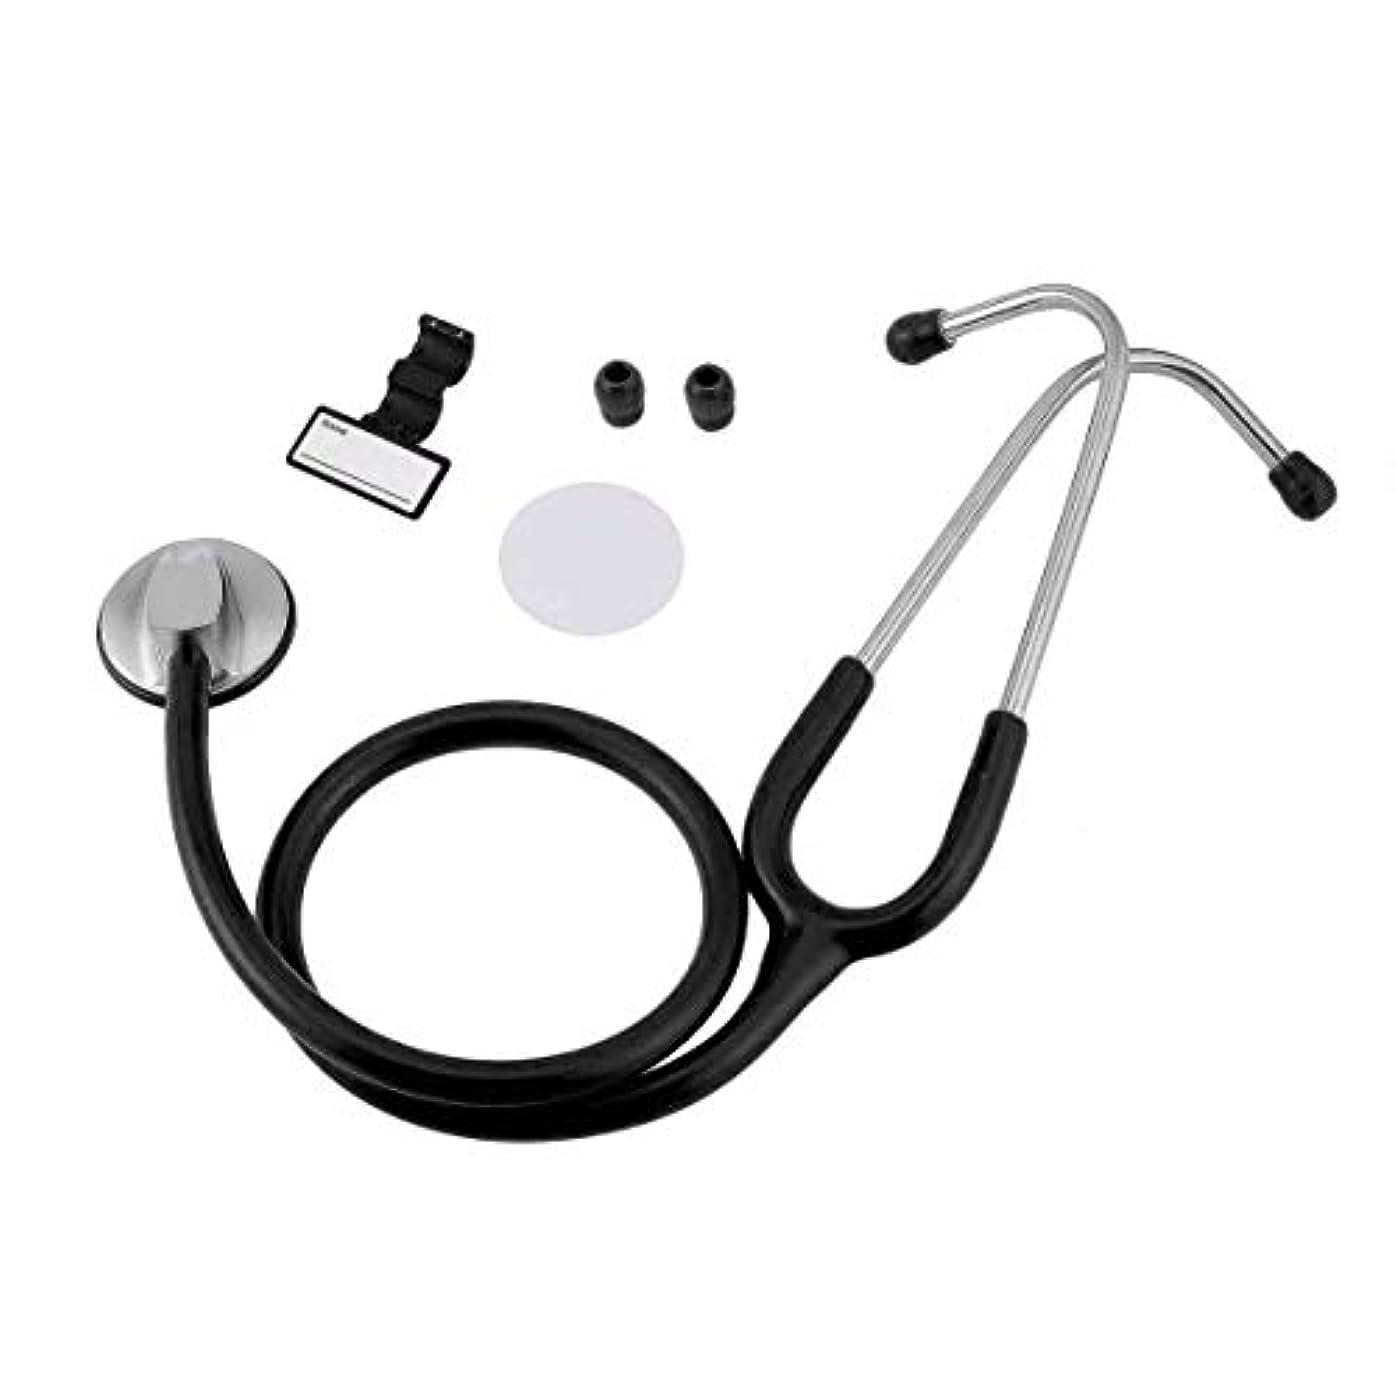 レディホームつまらないintercorey聴診器ポータブルフラットヘッド聴診器医療聴診器用具救助妊娠赤ちゃん聴診器医師医療ヘルスケア